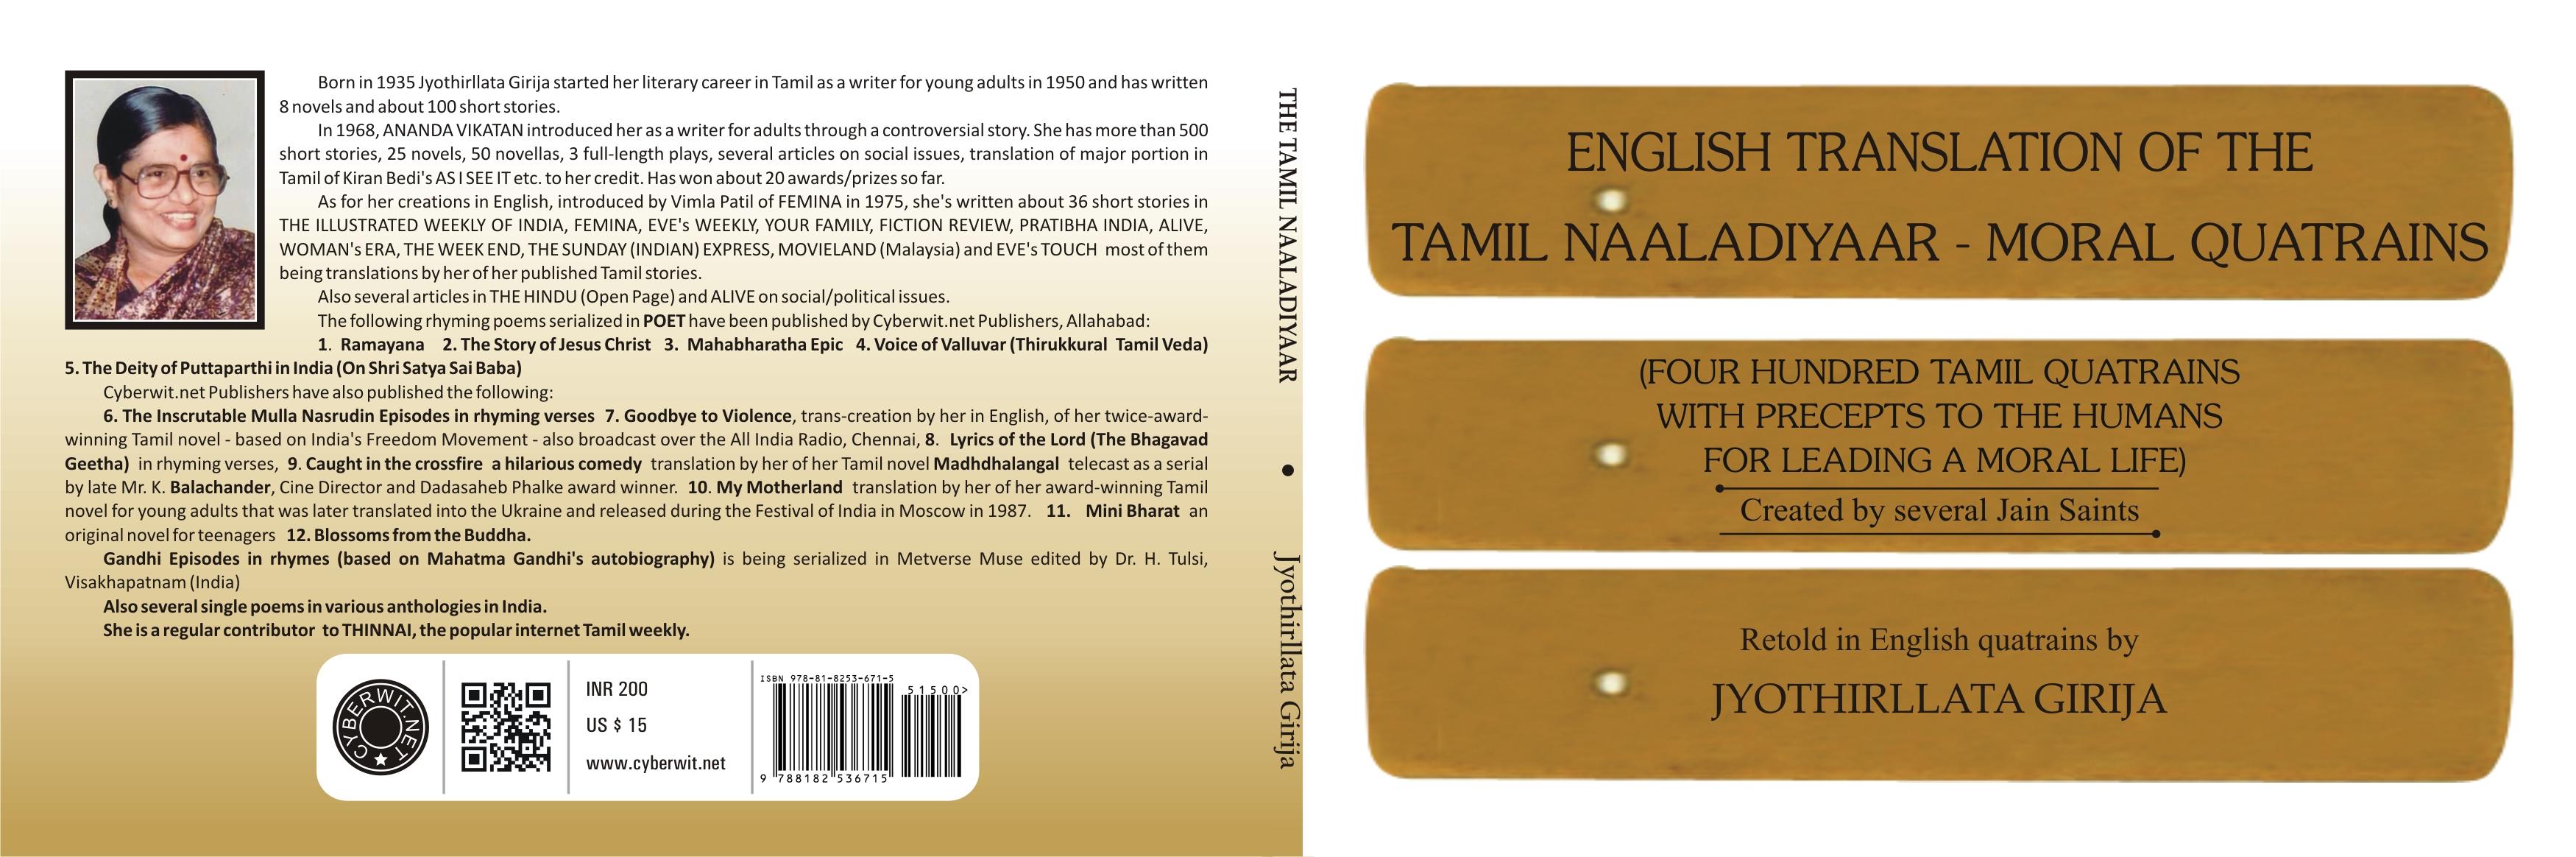 English translation of Tamil Naaladiyaar